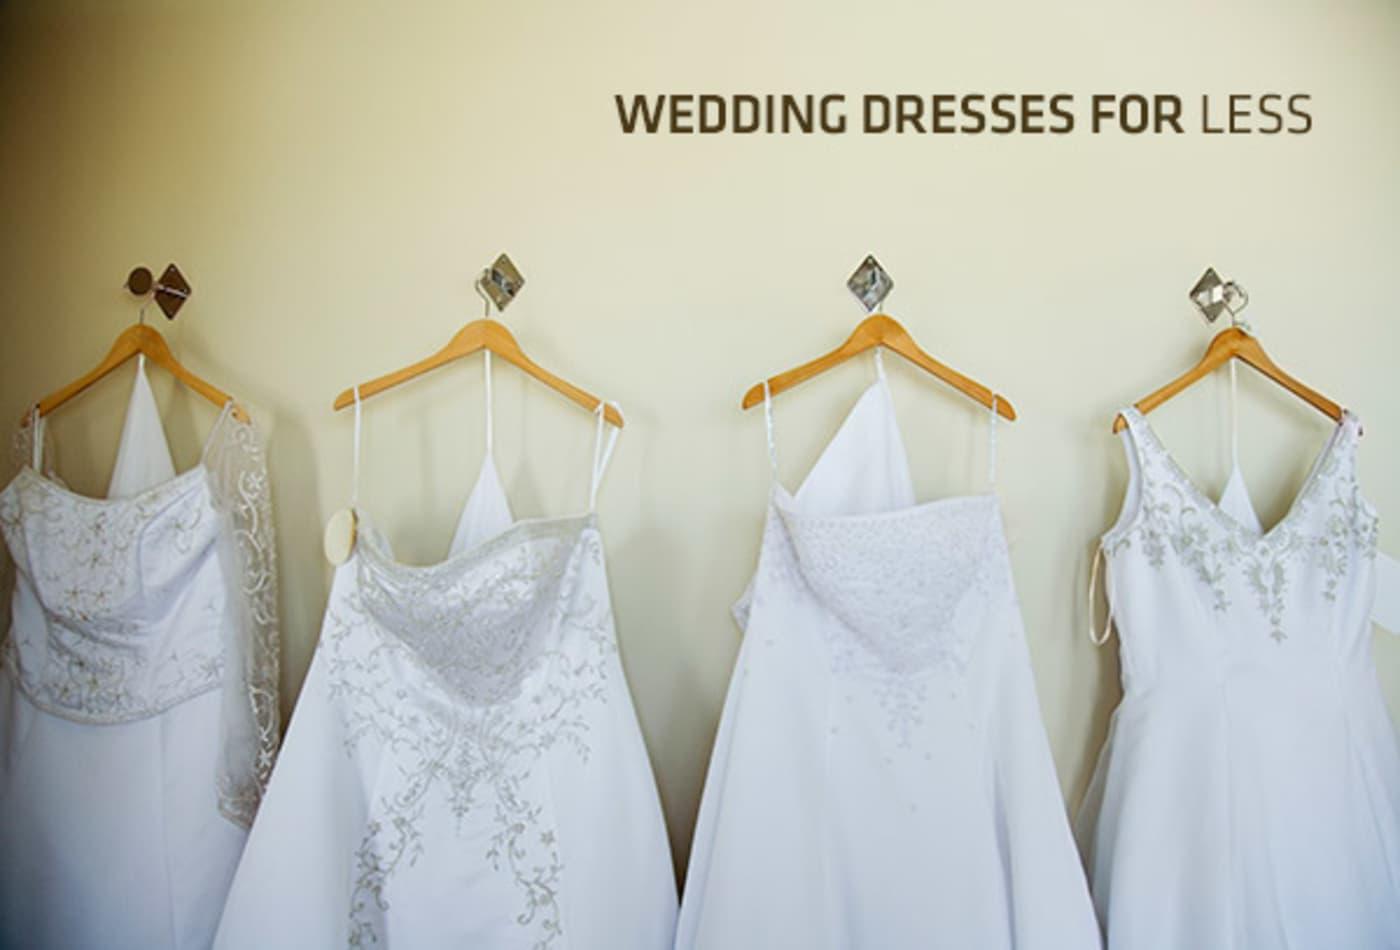 wedding-dresses-less-cover.jpg